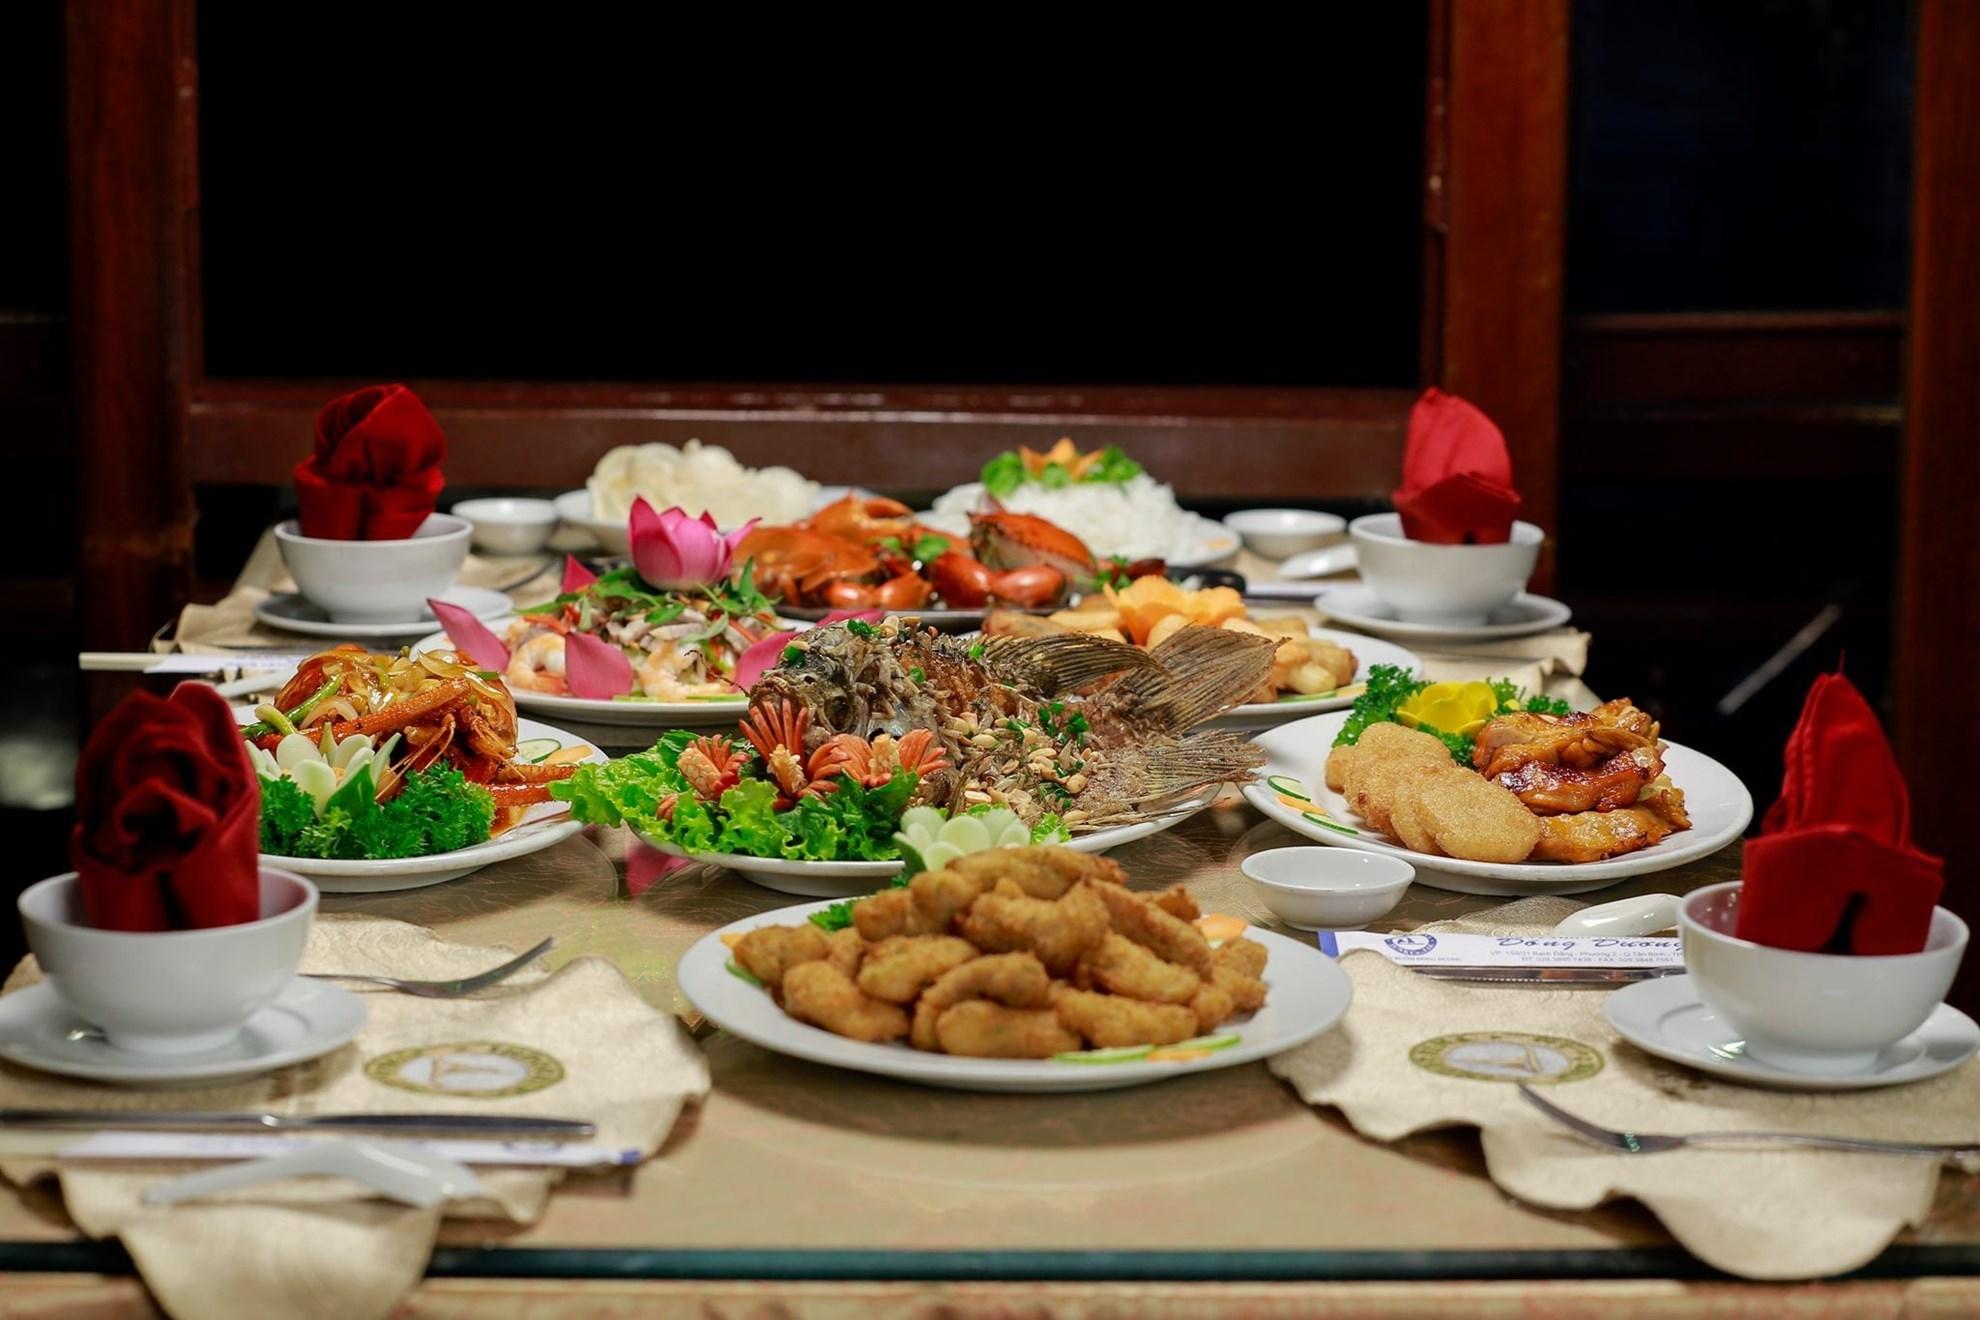 Dịp đầu năm mới, thưởng thức bữa tối sang chảnh tại 5 nhà hàng trên sông Sài Gòn - Ảnh 10.